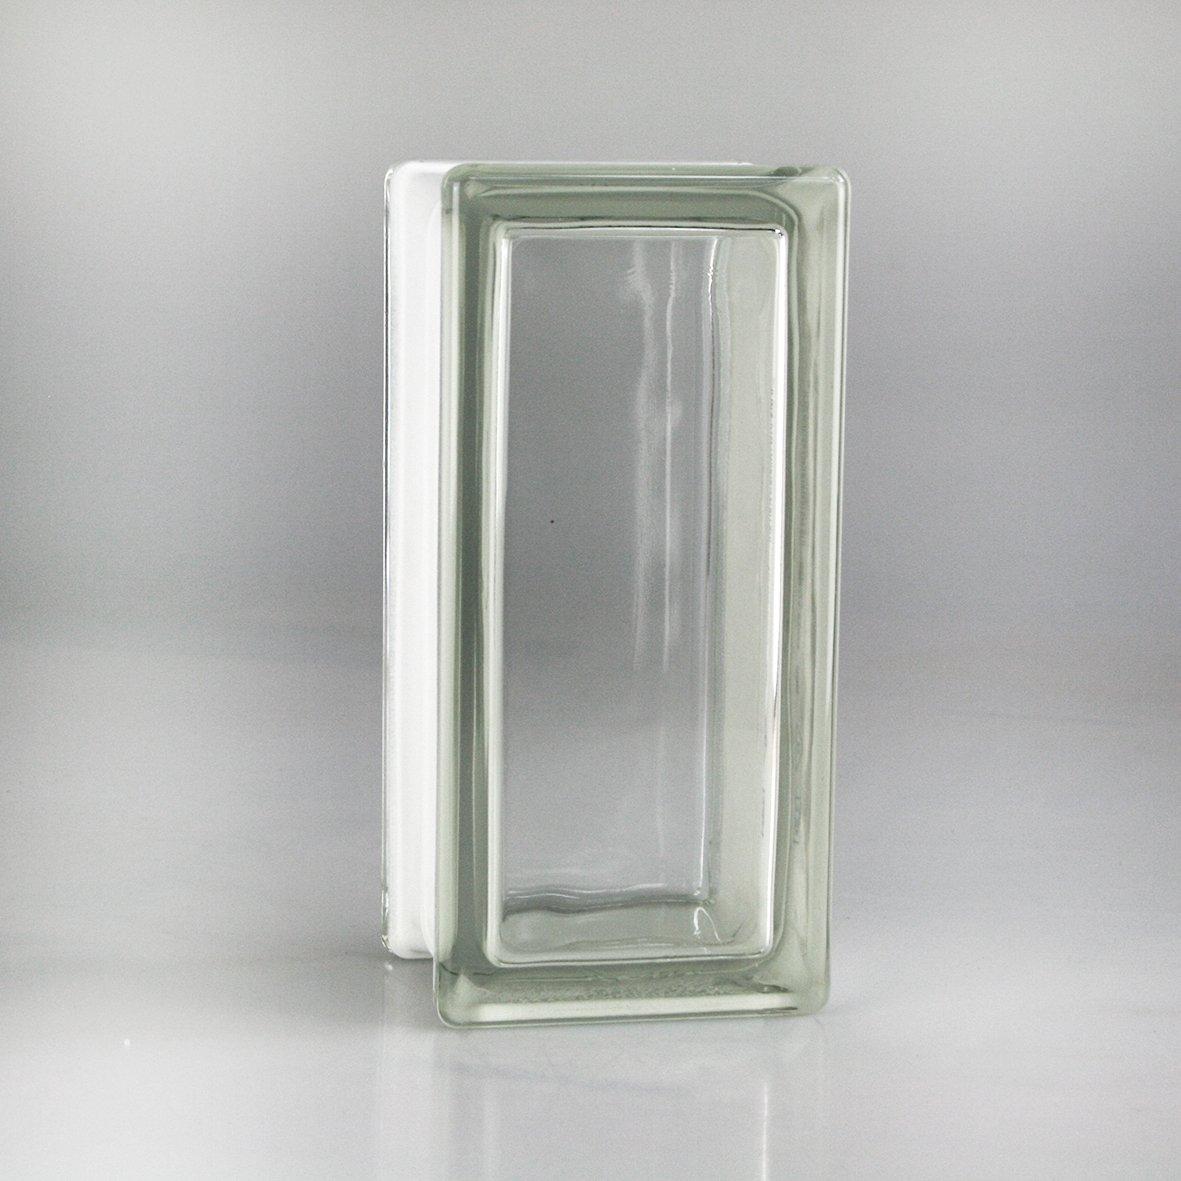 6 pezzi Vetra Vetromattone Liscio Trasparente 19x9x8 cm - (Demi ...